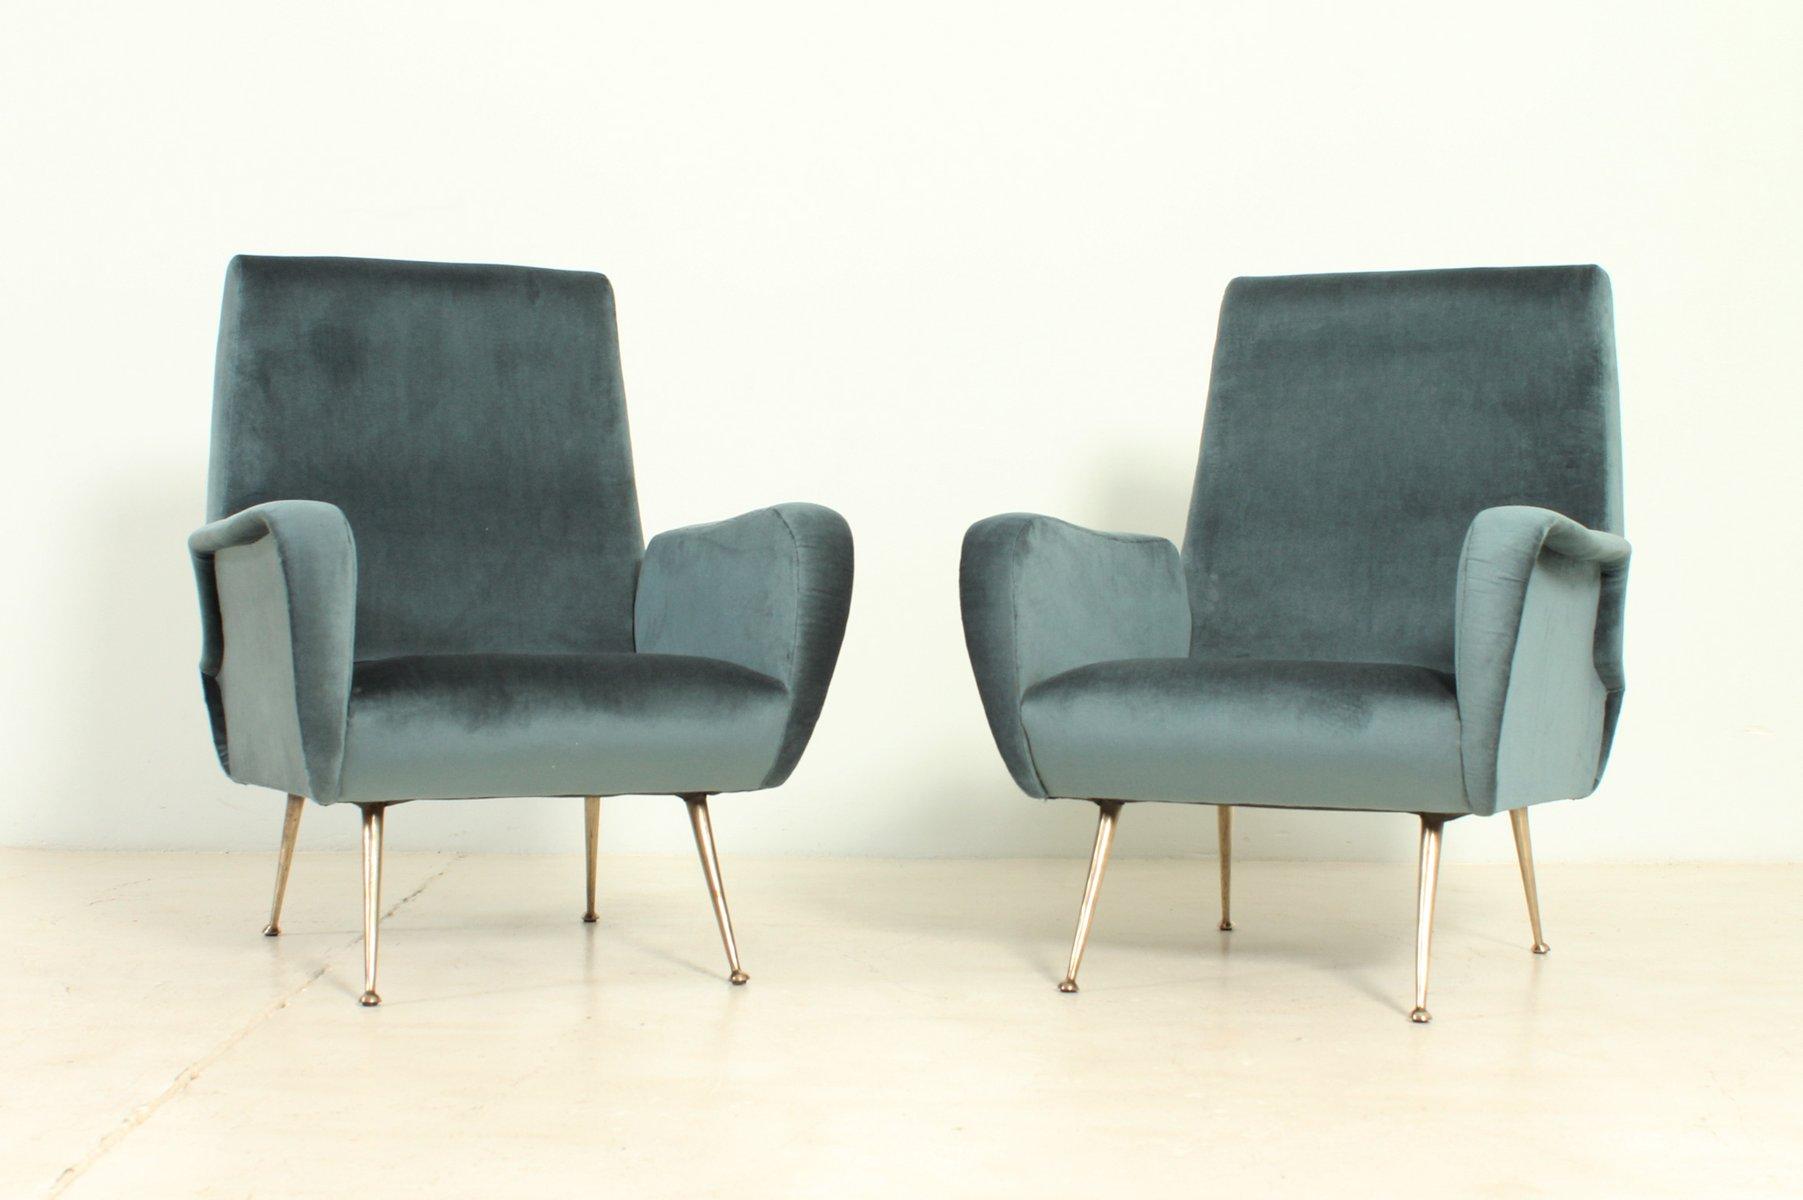 Poltrone vintage di velluto con gambe in ottone italia - Poltrone vintage design ...